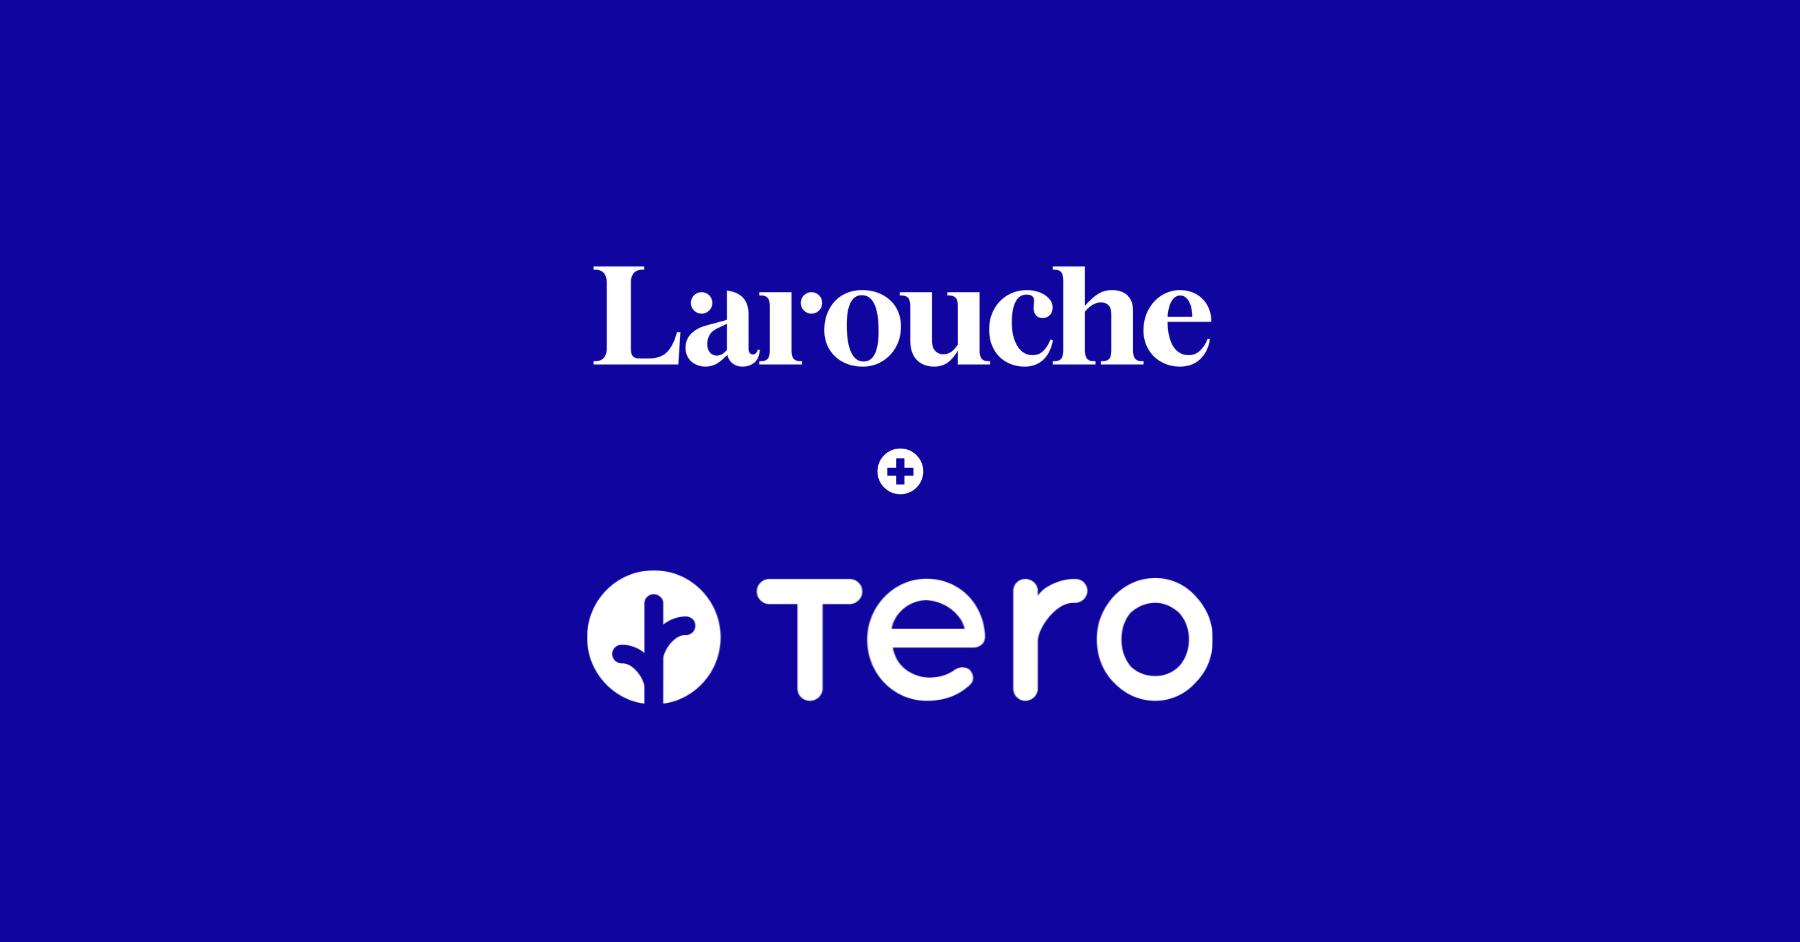 larouche